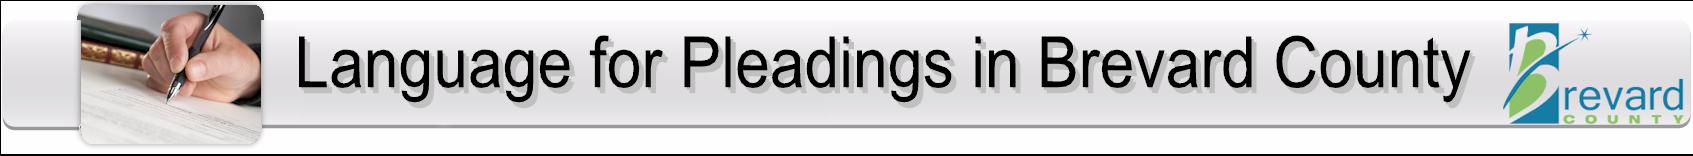 Pleadings In Brevard Banner